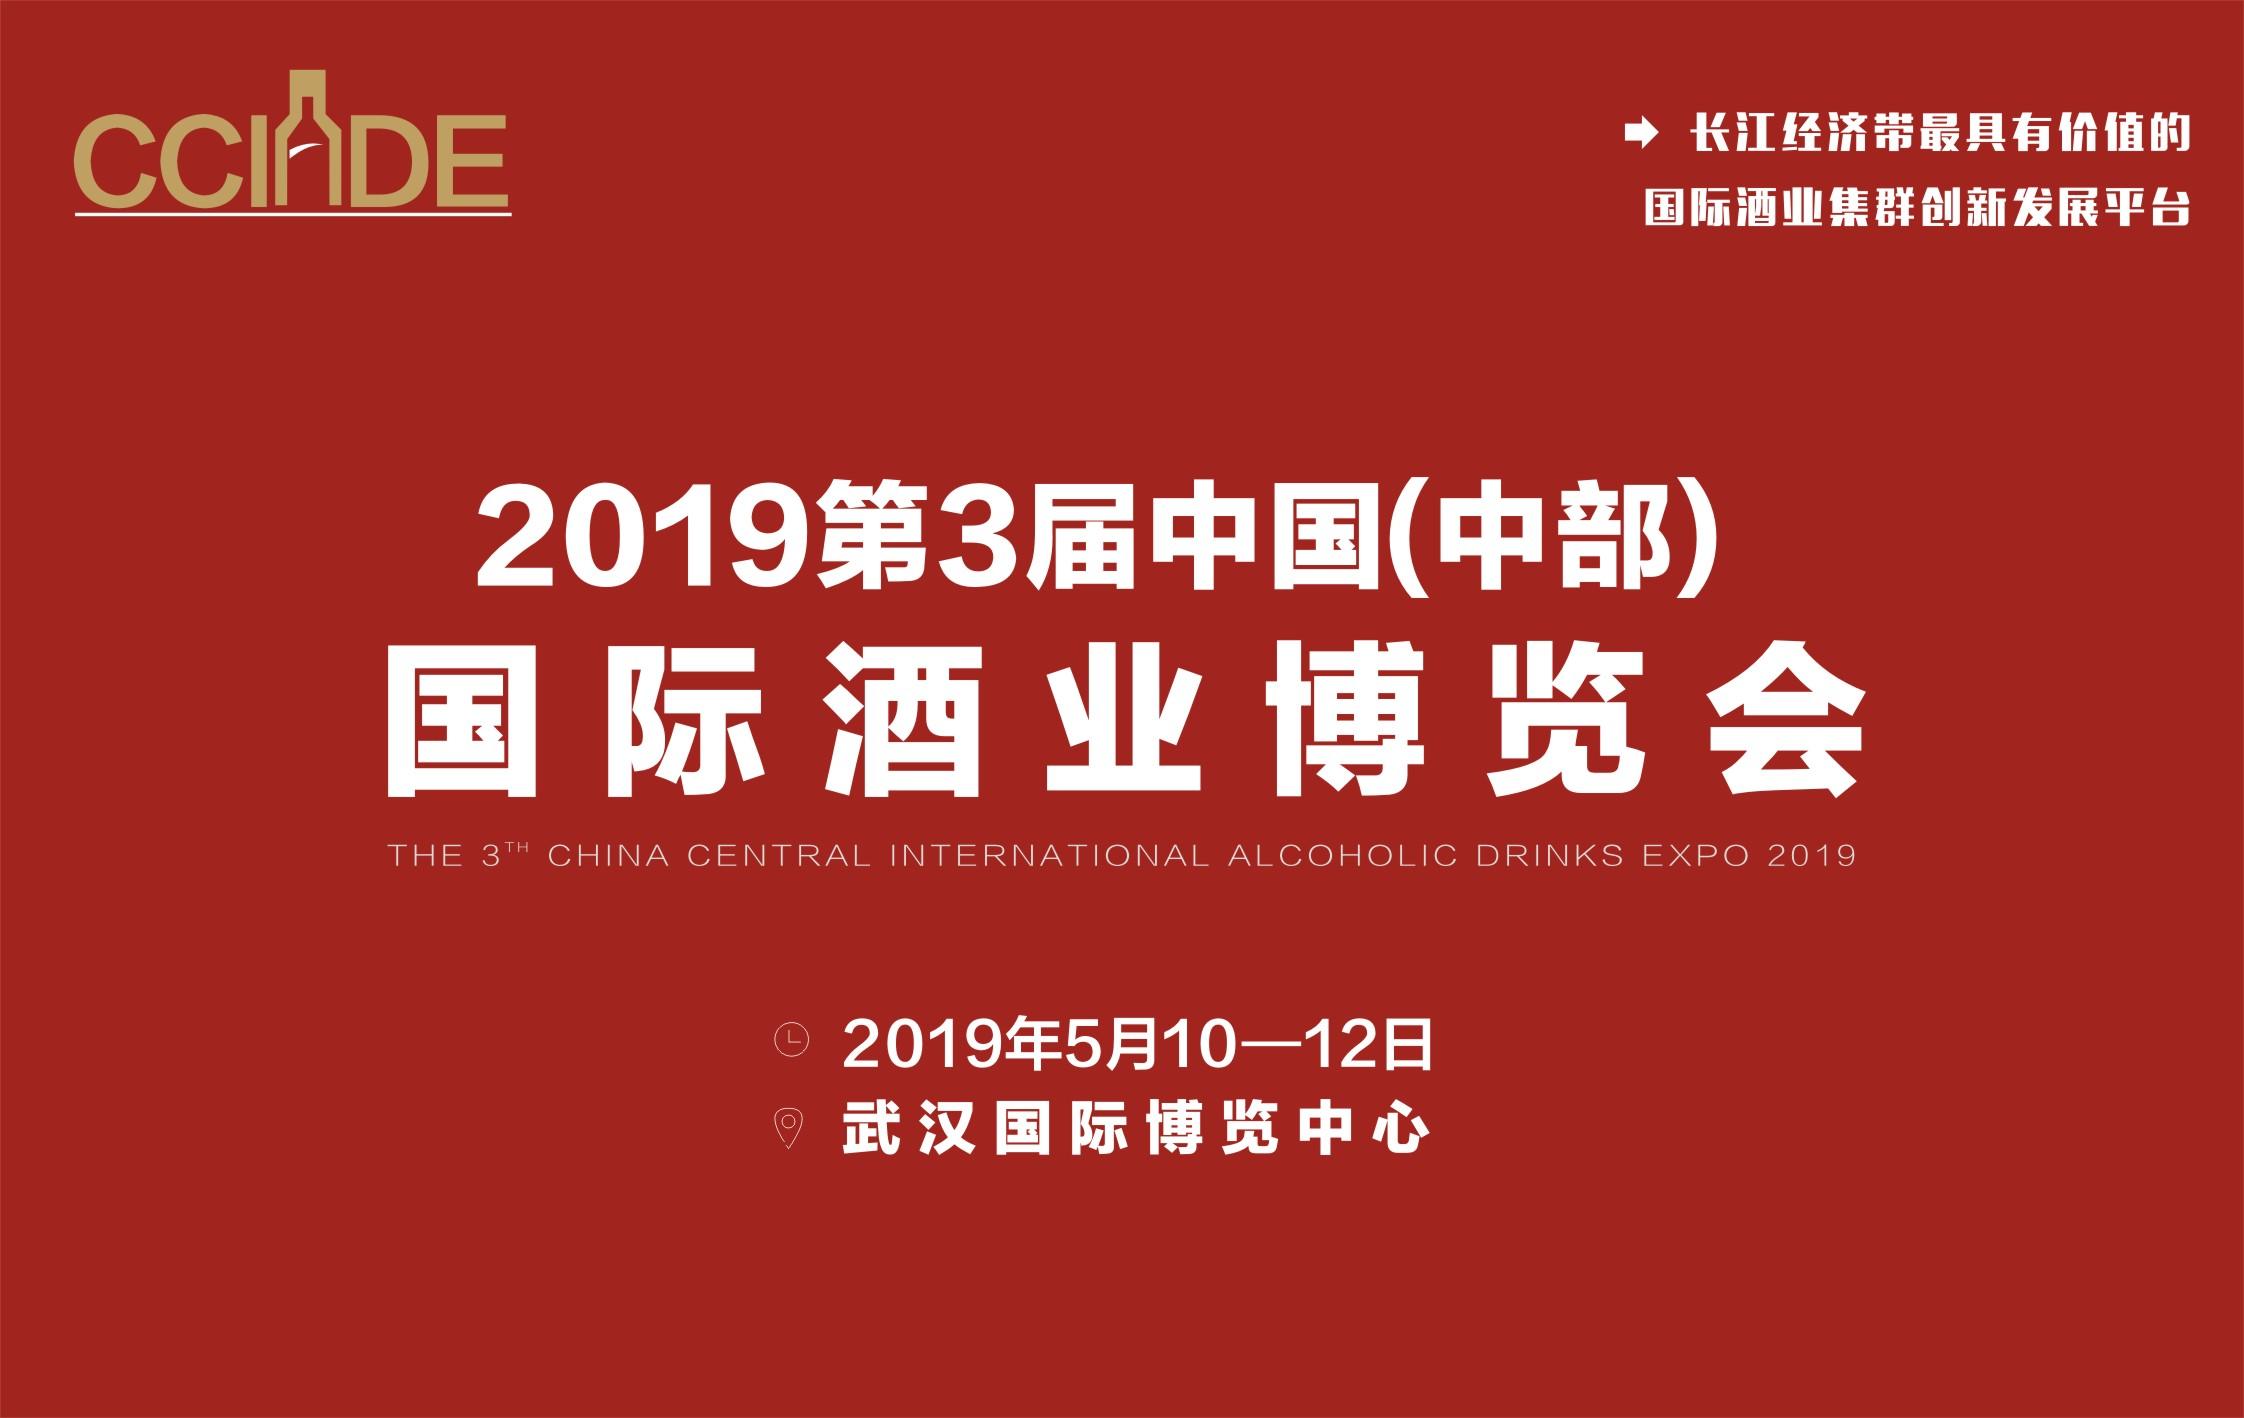 2019第三届中国(中部)国际酒业博览会